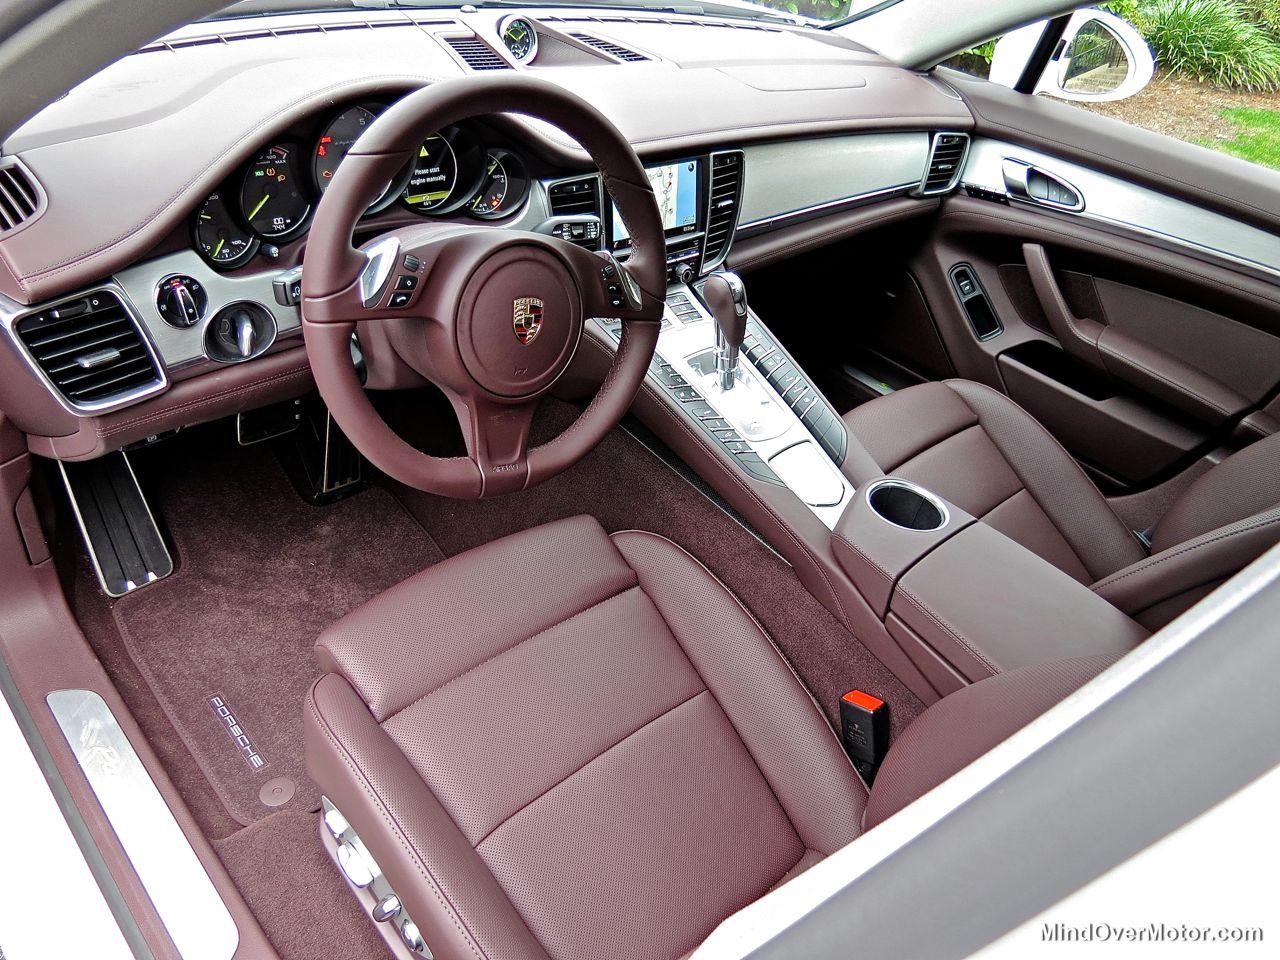 Porsche Panamera S E-Hybrid Interior Shot